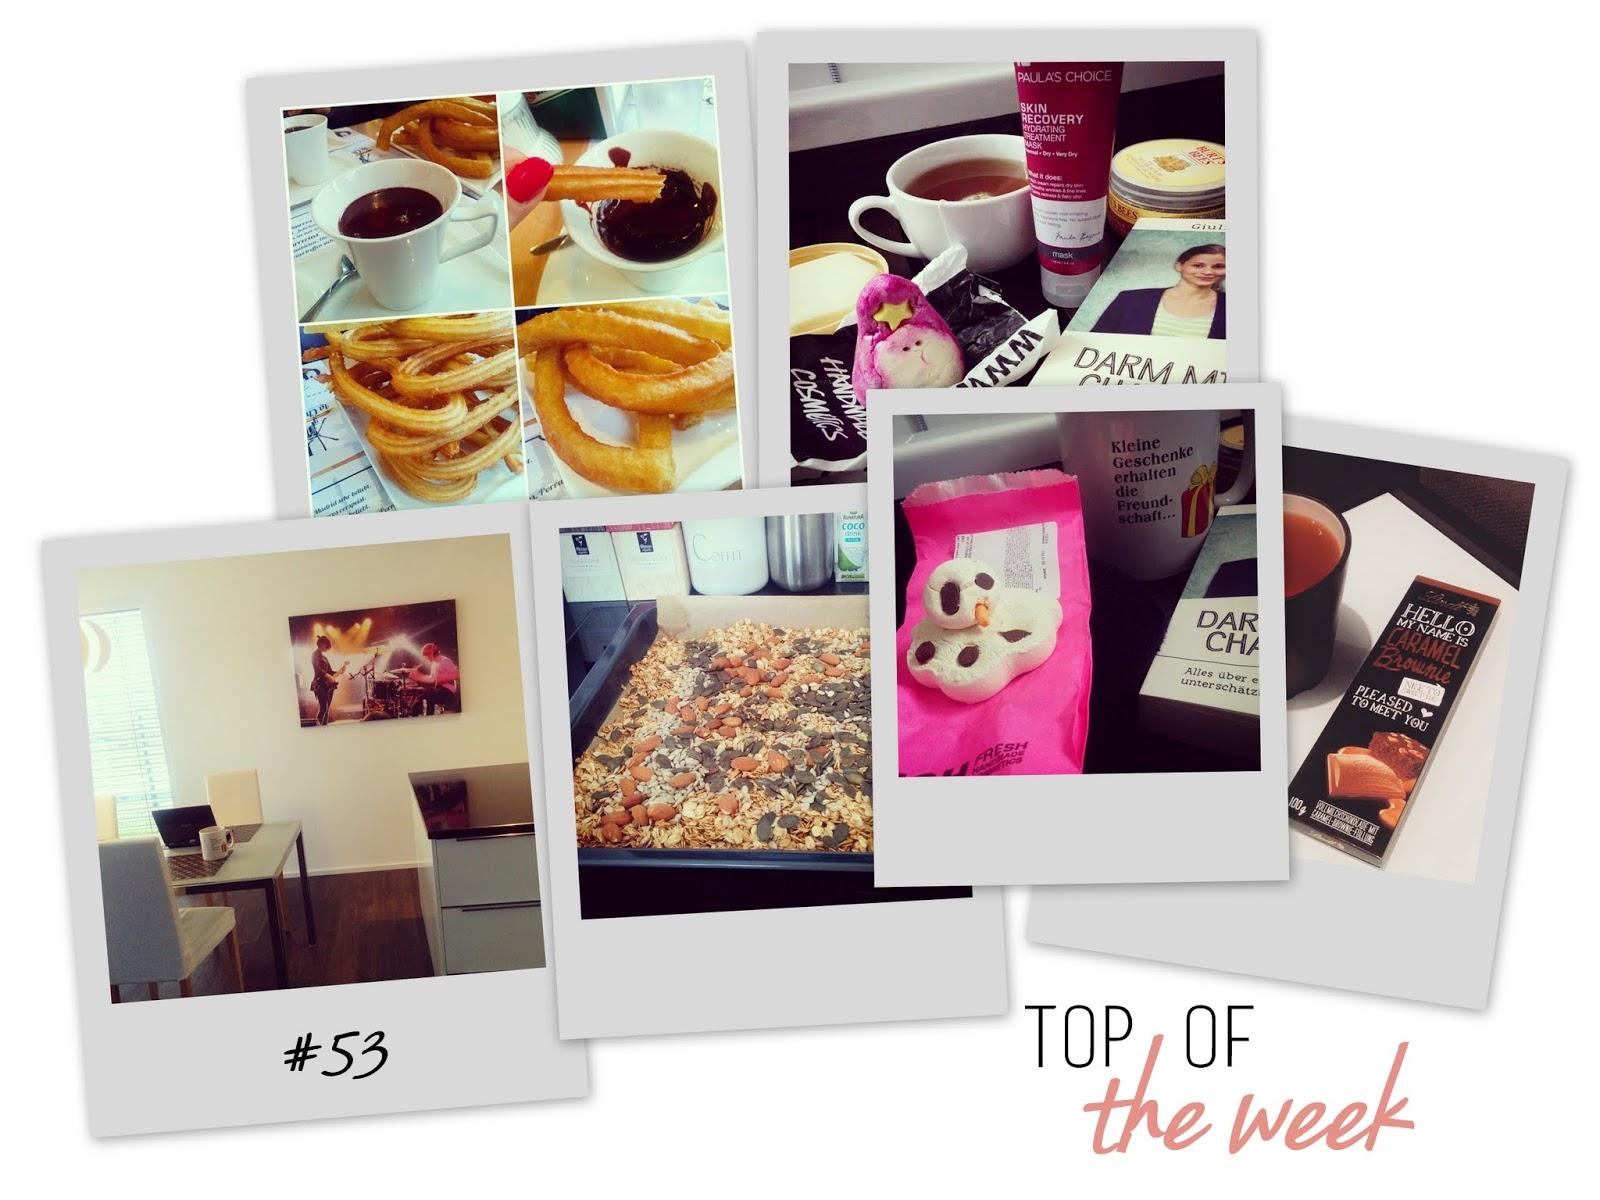 Top of the Week